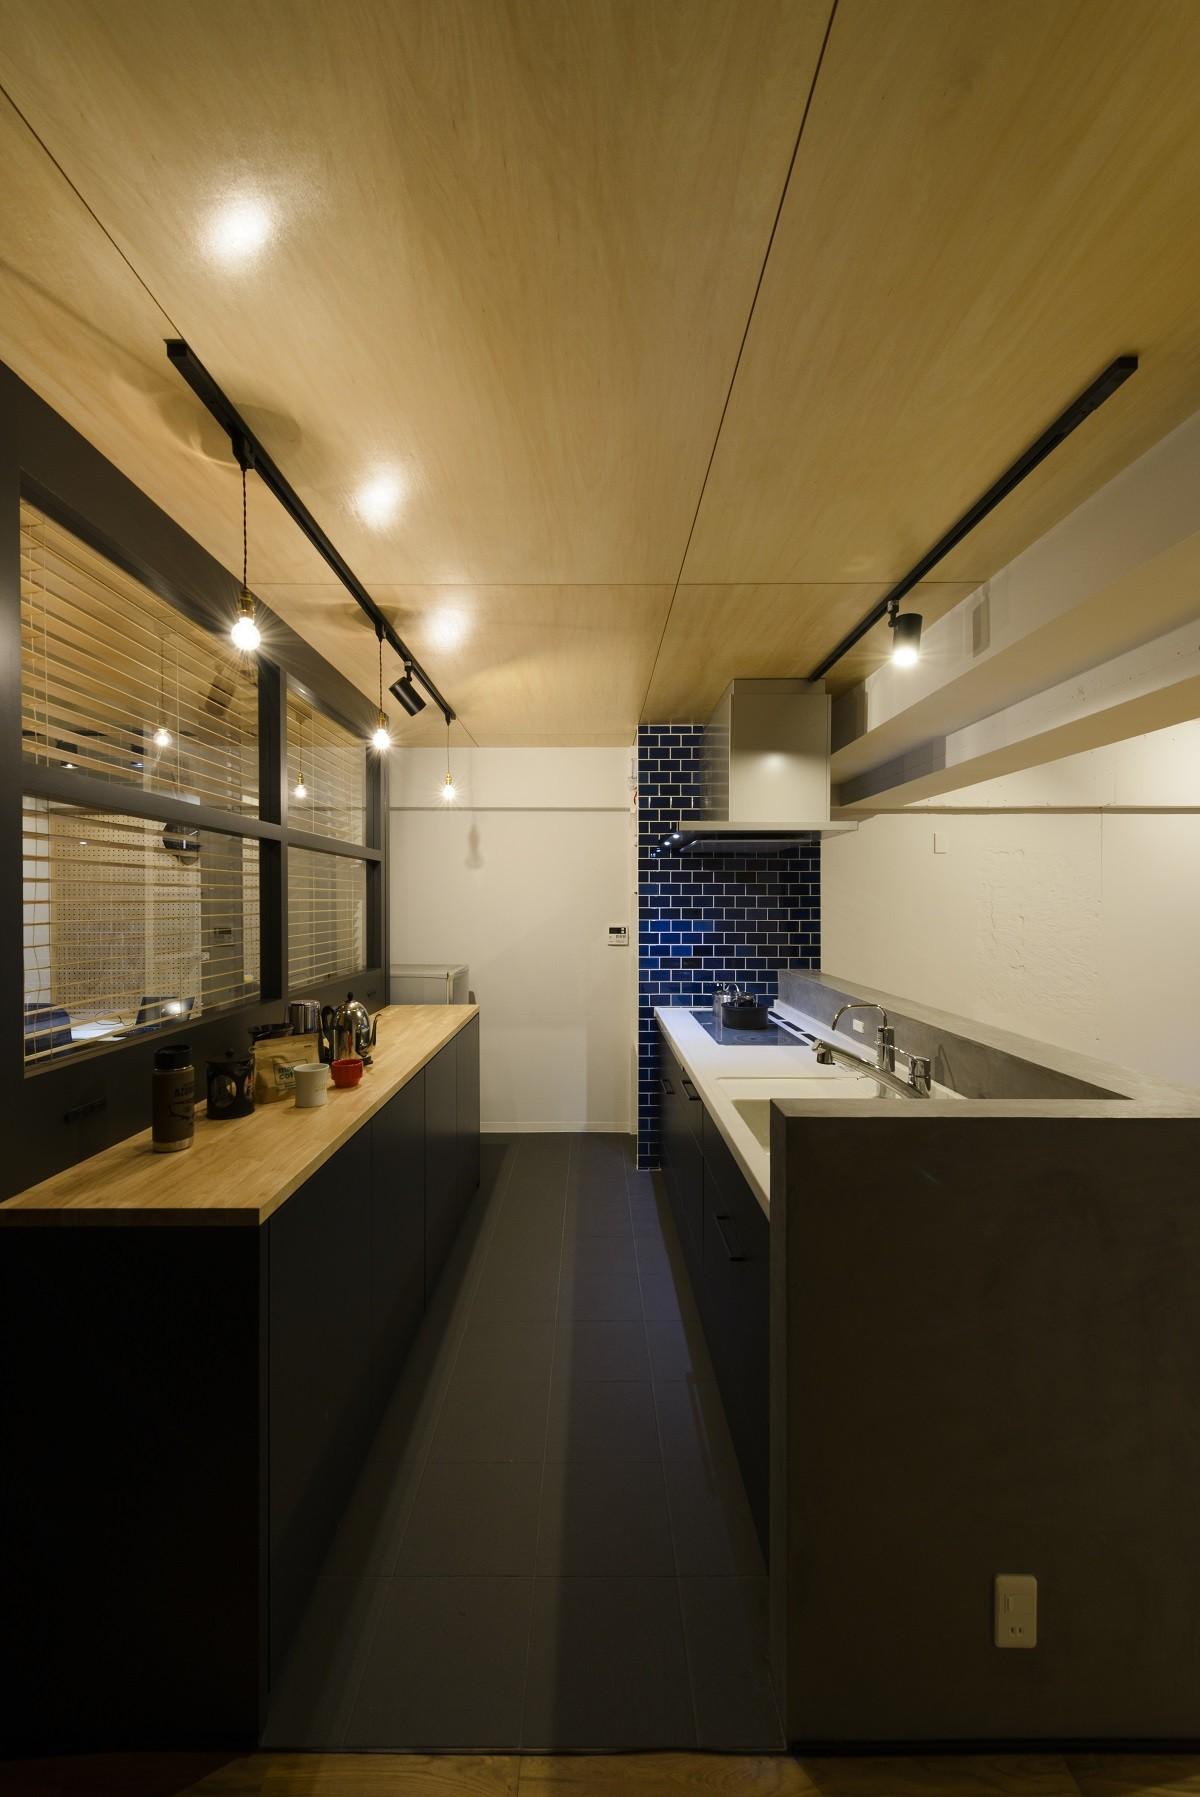 キッチン事例:キッチン(モルタル階段の家)